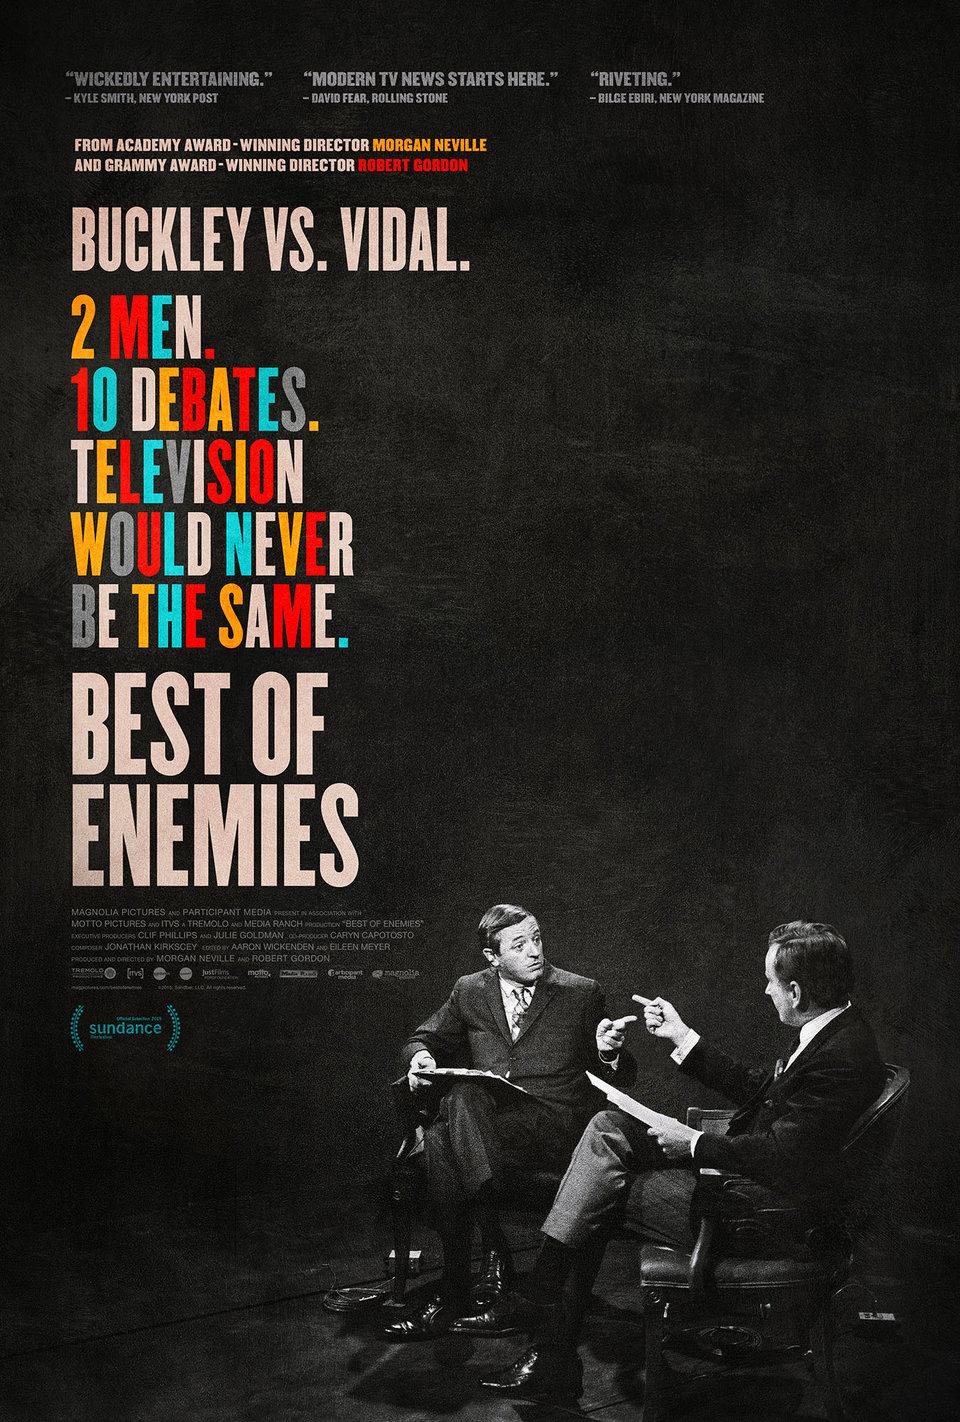 Best Of Enemies: Buckley Vs. Vidal (2015) Main Poster